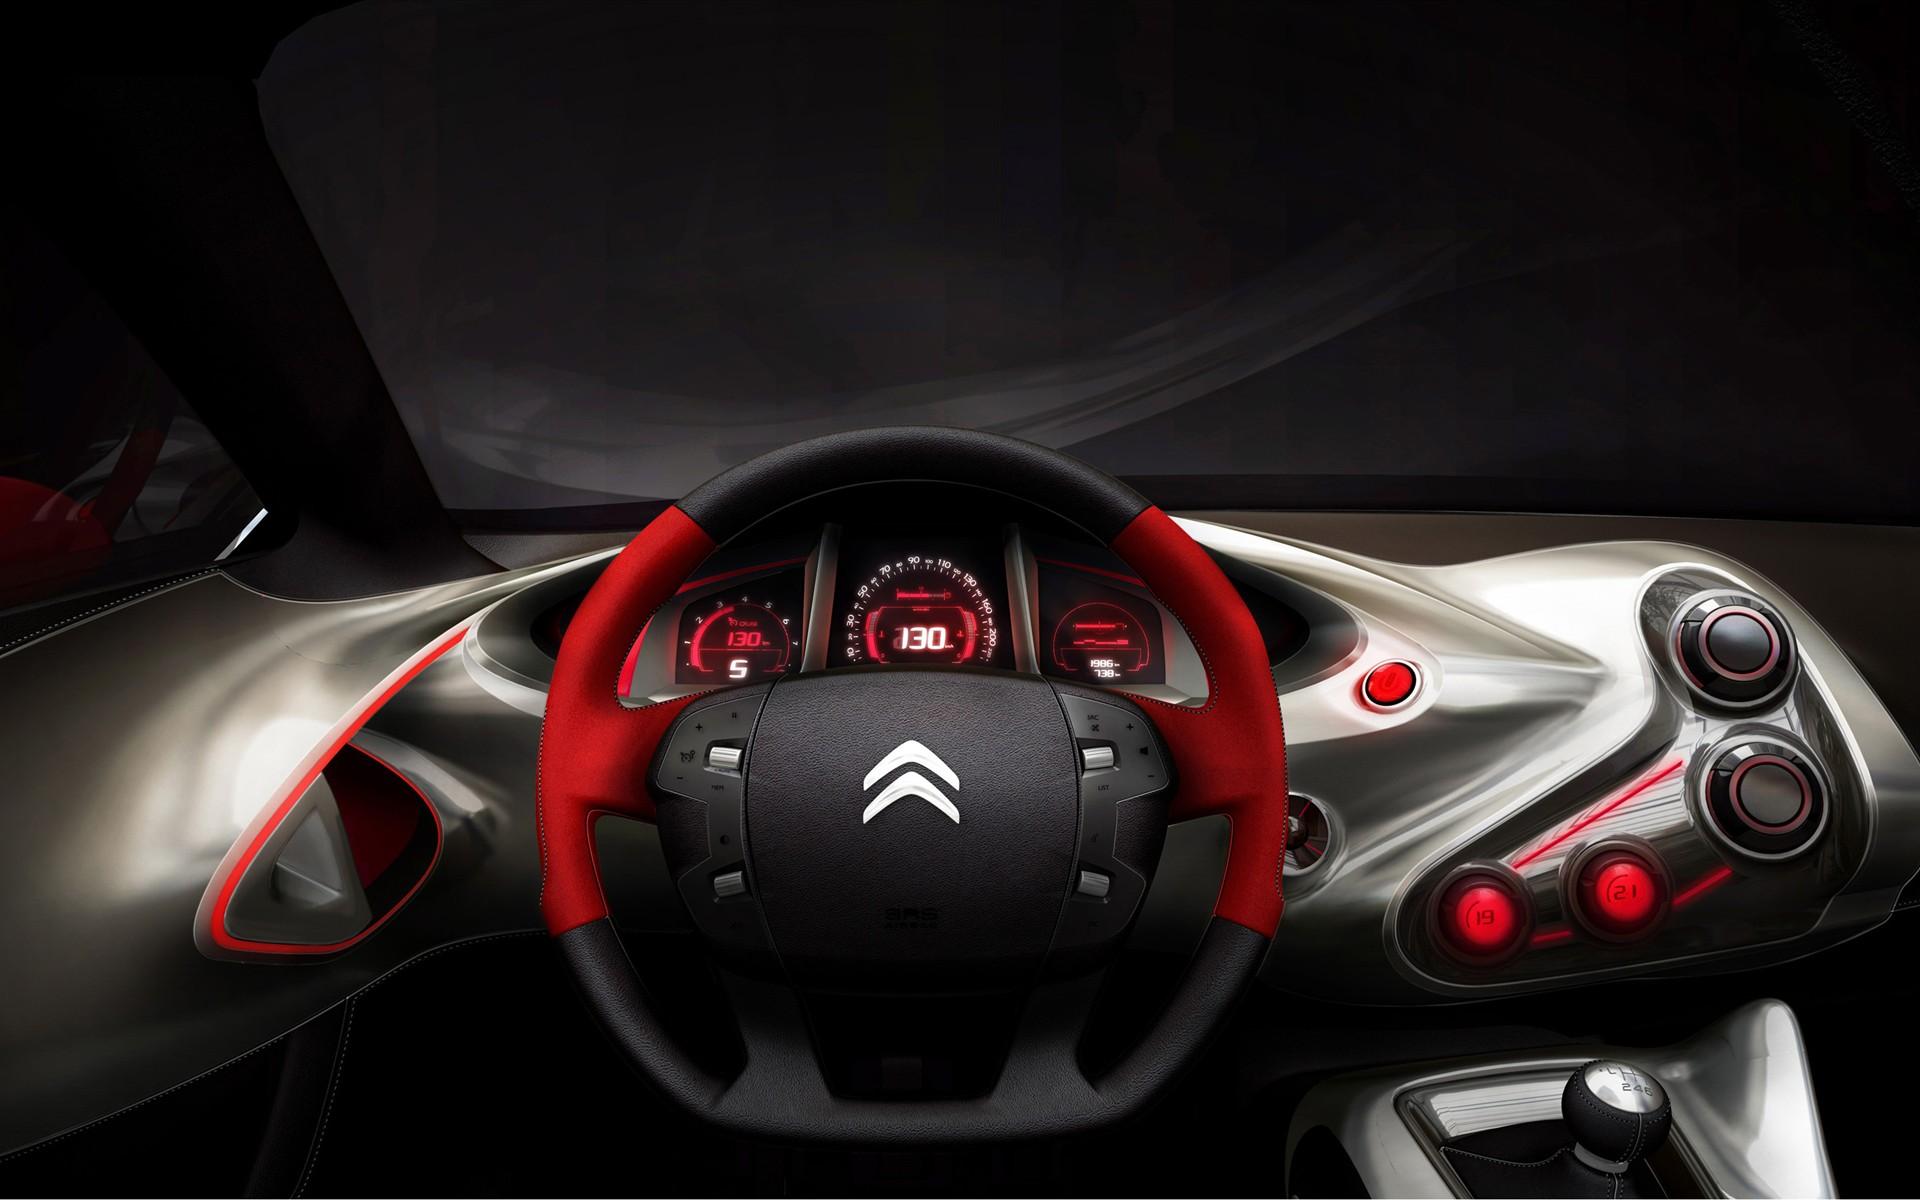 concept, Citroen, приборная доска, руль, салон машины, скачать фото, в высоком разрешении